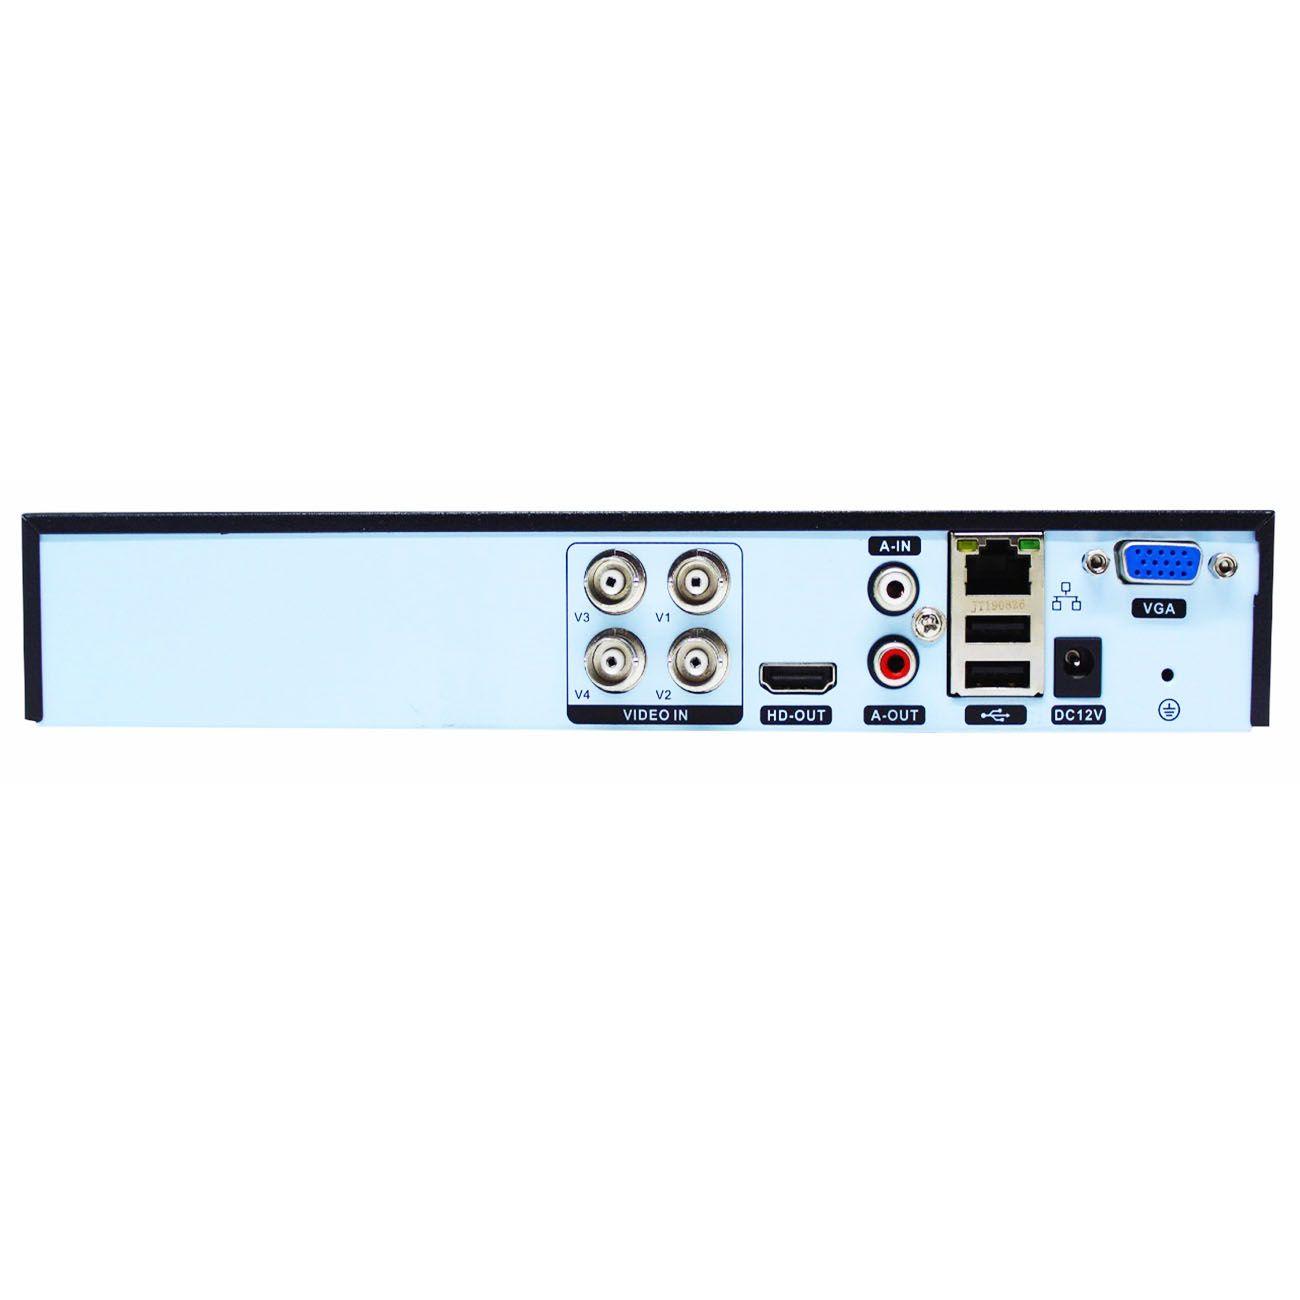 Kit 4 Câmeras de Segurança IP Full HD 1080p Wifi + DVR/NVR Pentaflex 5 em 1 com Fonte 12V